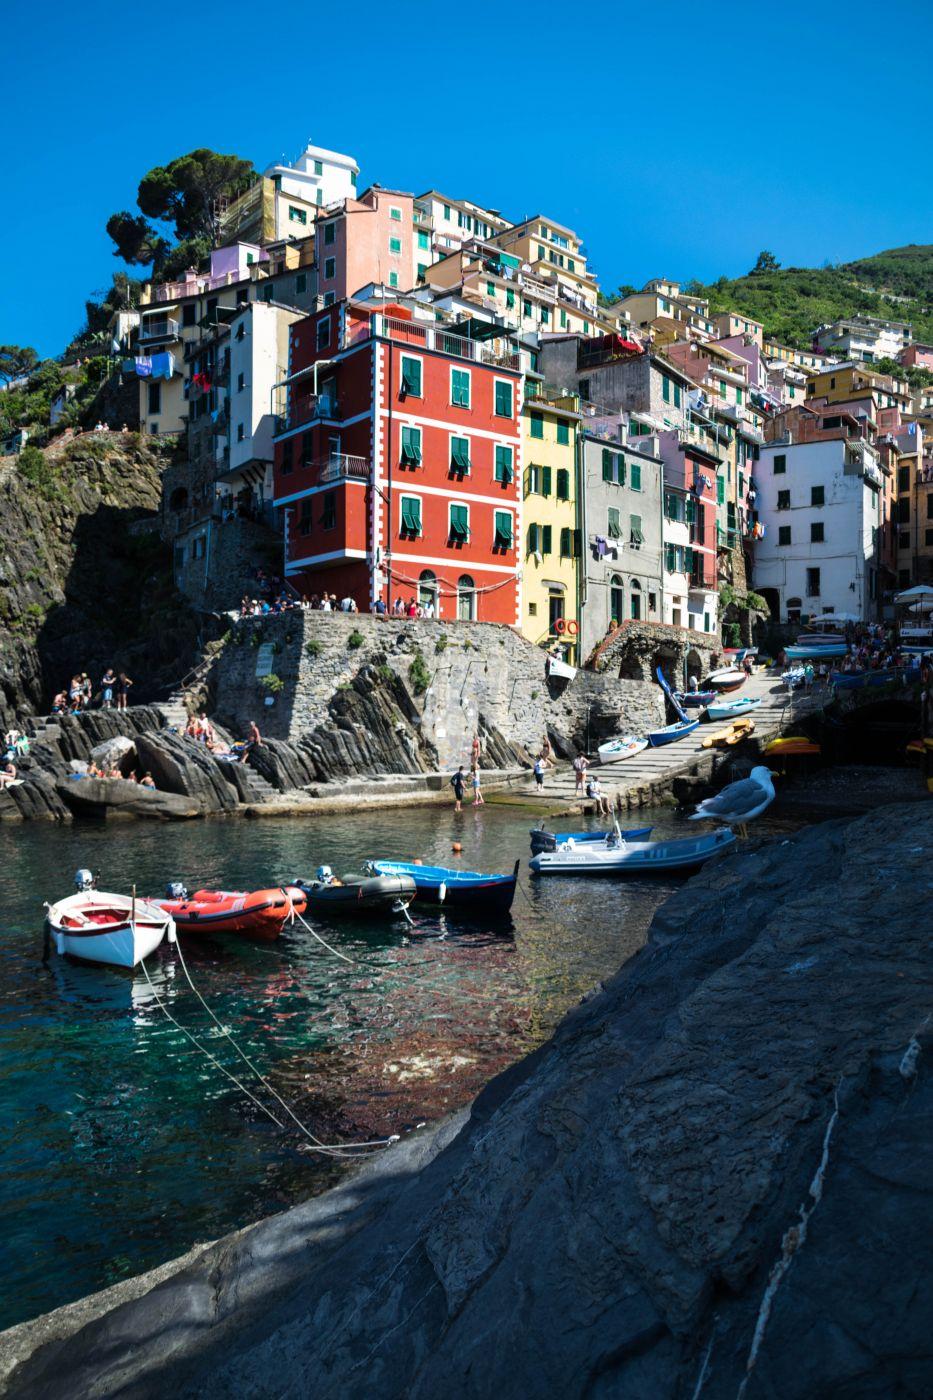 Small port of Riomaggiore, Italie, Italy